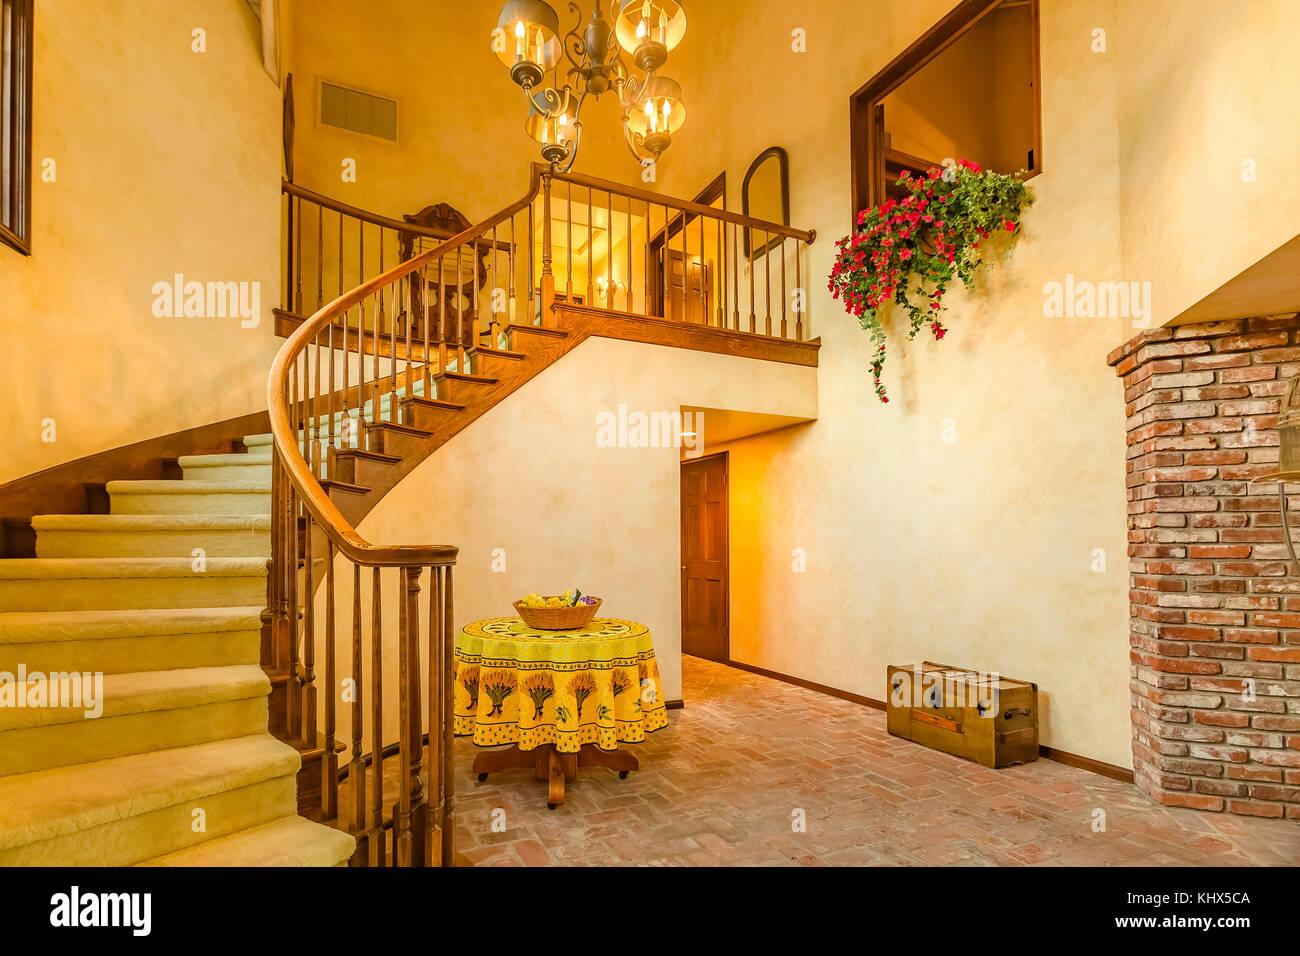 Illuminazione Ingresso Casa : Scale a spirale in ingresso rustico di una lussuosa casa in